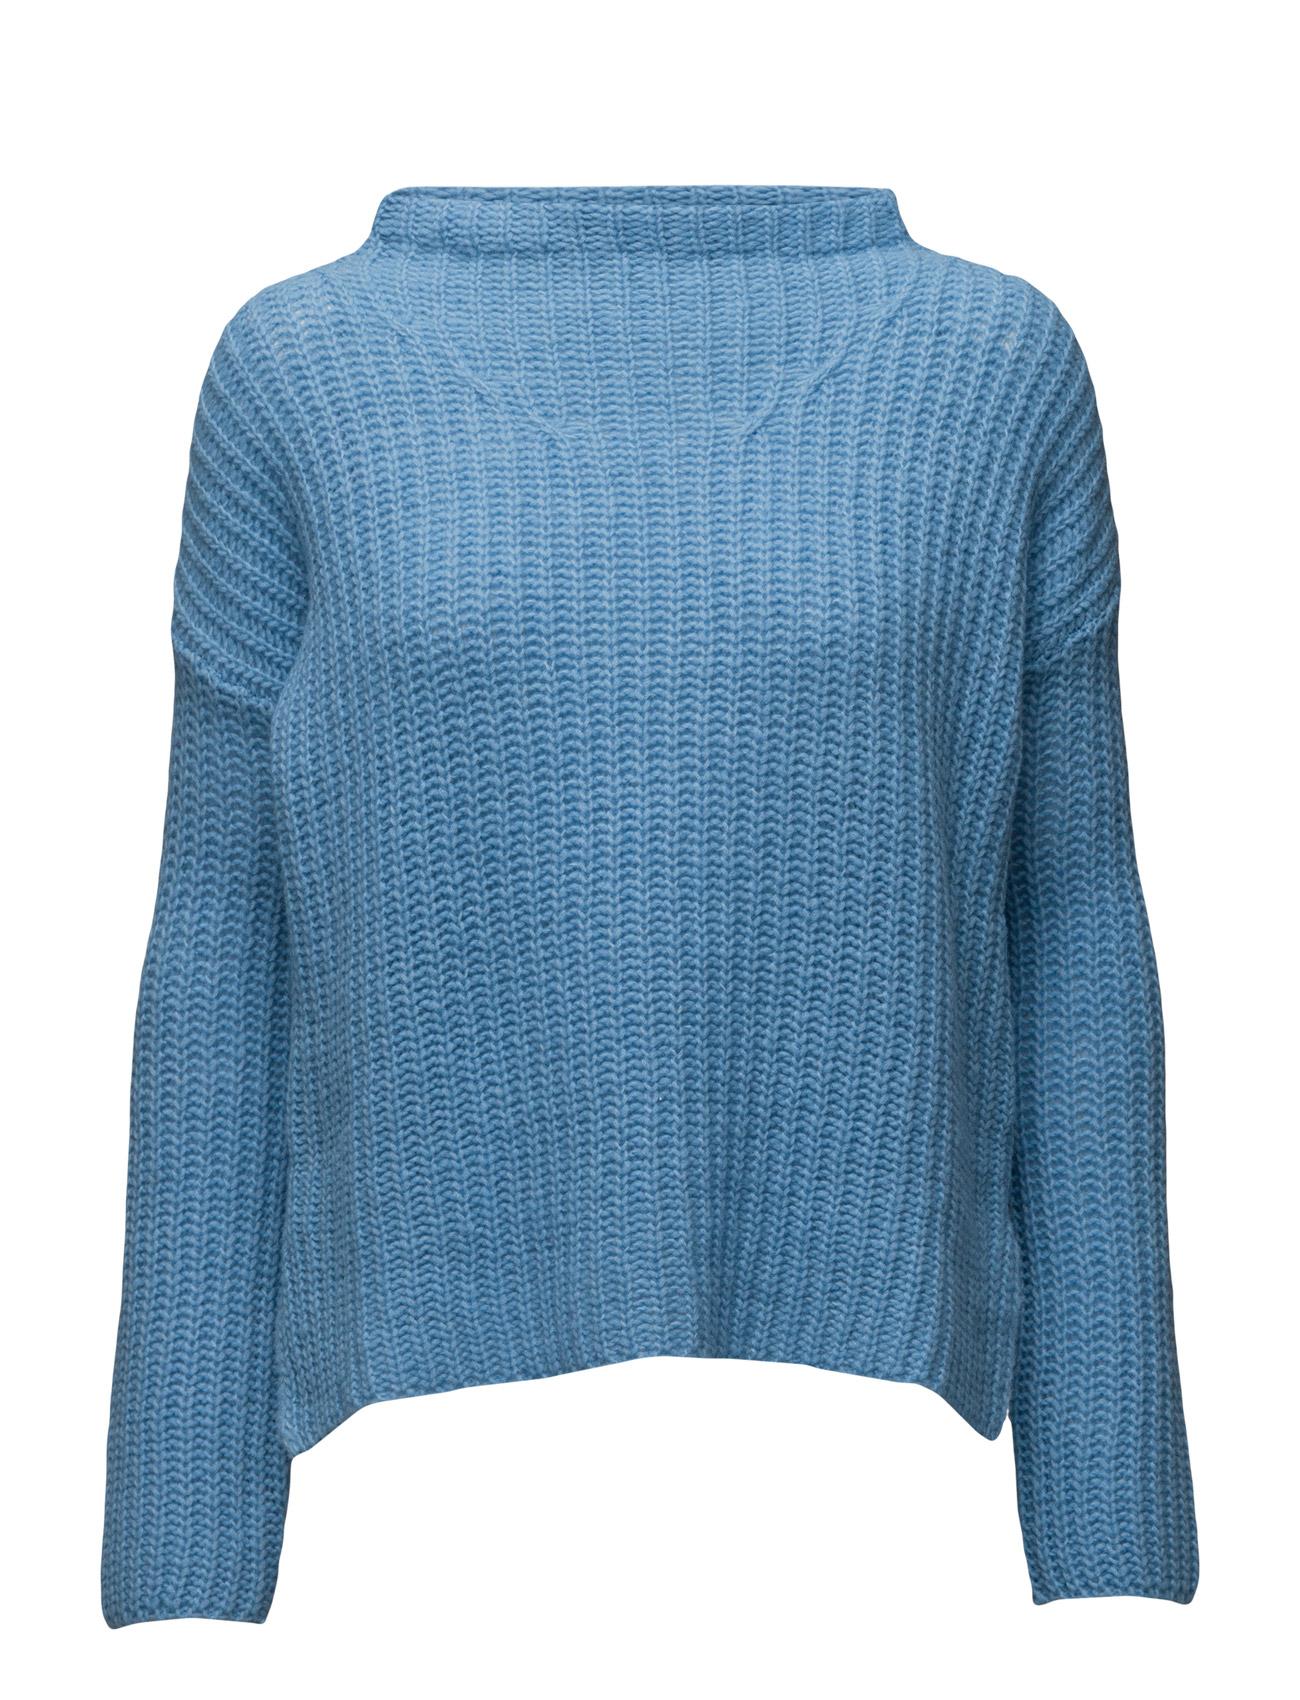 Olifante Pennyblack Sweatshirts til Kvinder i Lyseblå